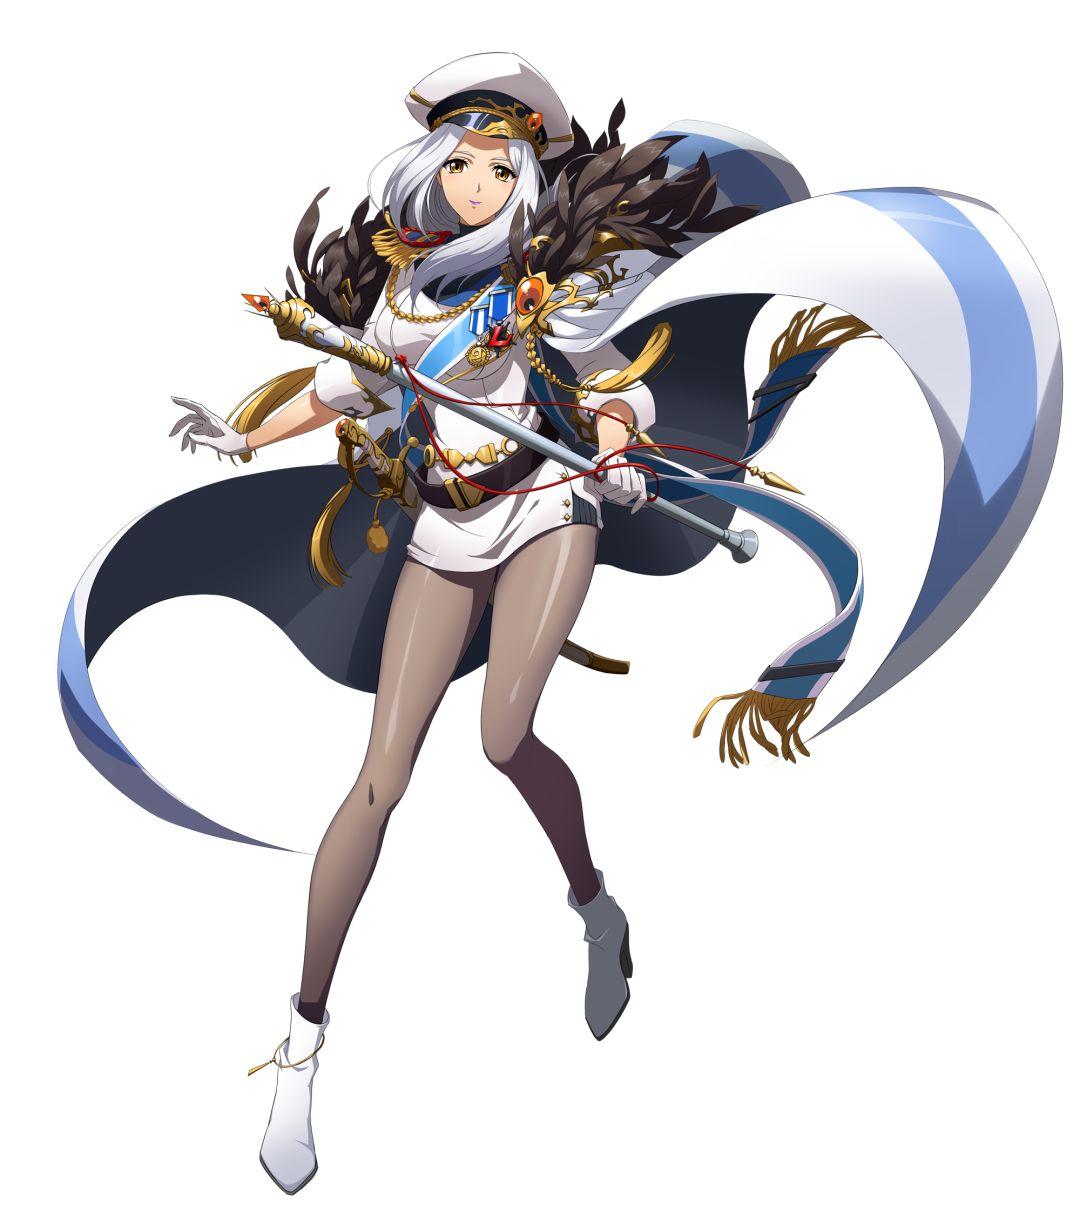 梦幻模拟战手游巅峰S4赛季限定皮肤介绍 塞蕾娜钢铁的英姿装扮一览